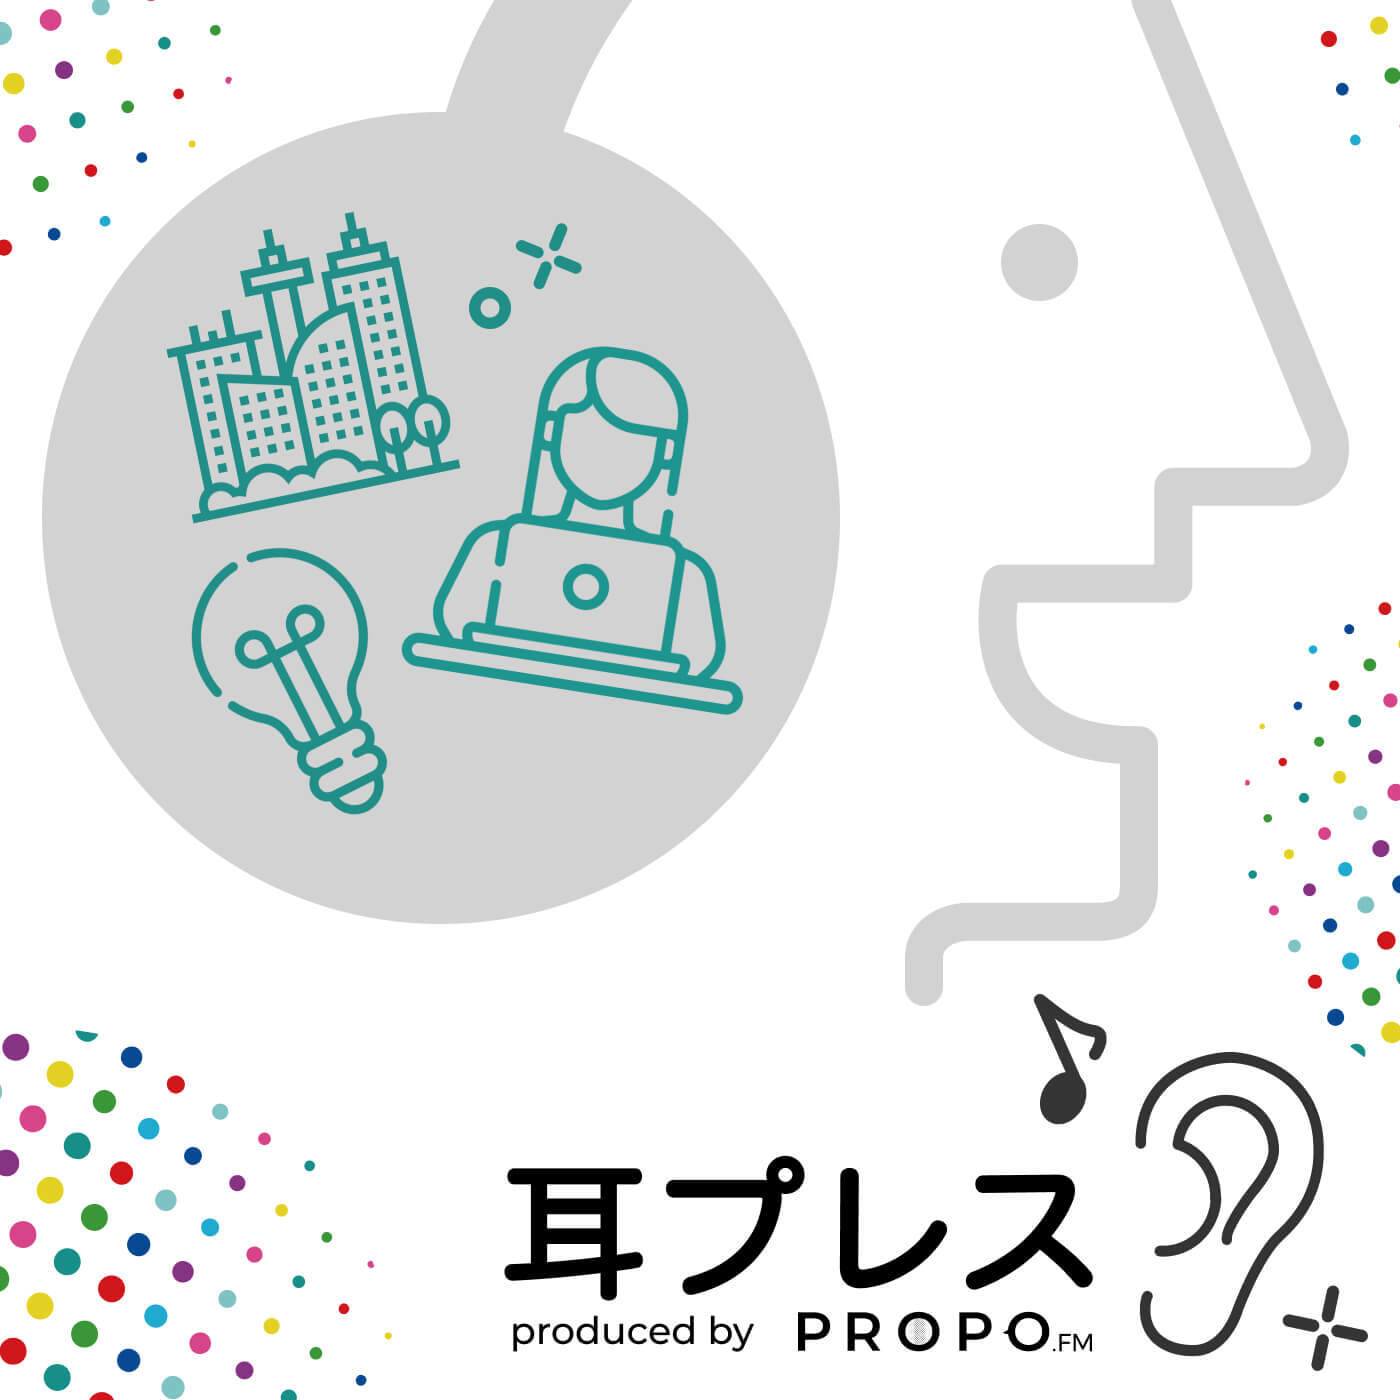 耳プレス by PROPO.FM